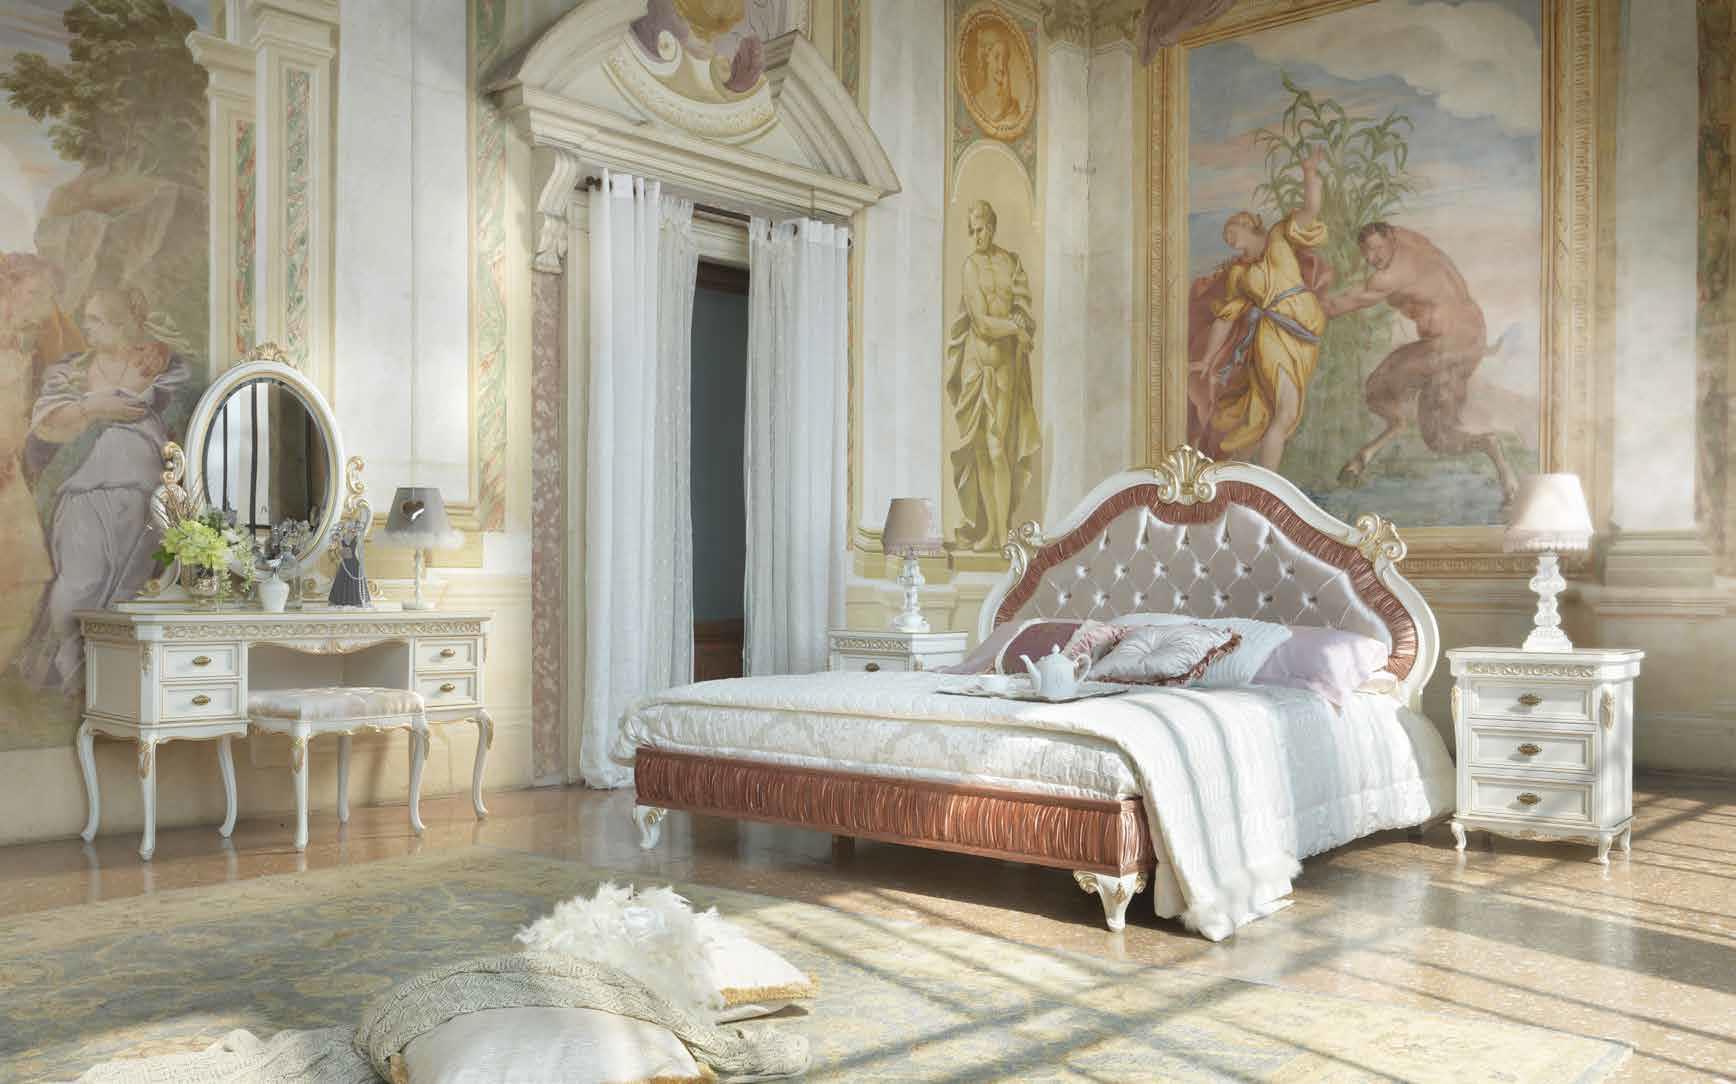 Arredamenti stile barocco verona dalmar for Arredamenti verona